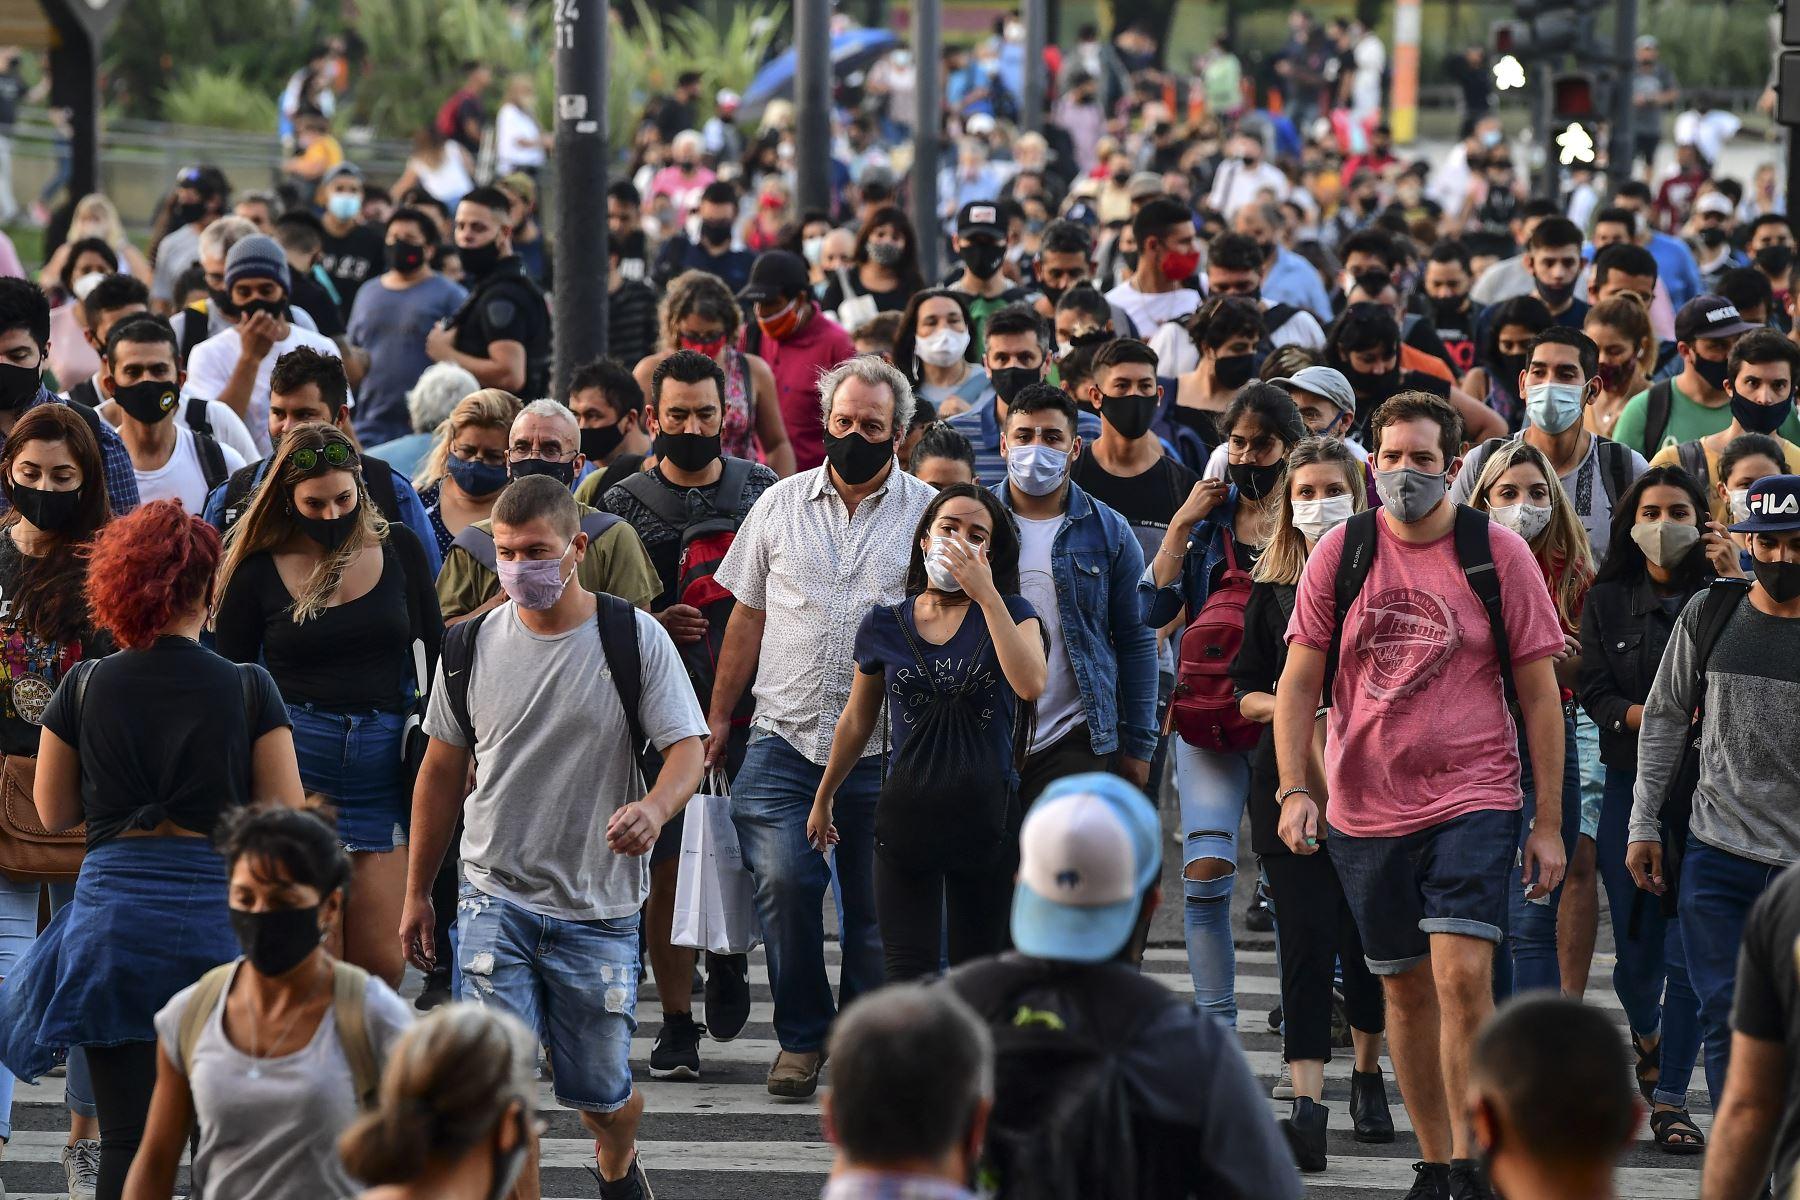 Personas con mascarillas protectoras caminan por la Avenida Brasil, cerca de la estación de tren Constitución, en Buenos Aires, el 6 de abril de 2021. Foto: AFP